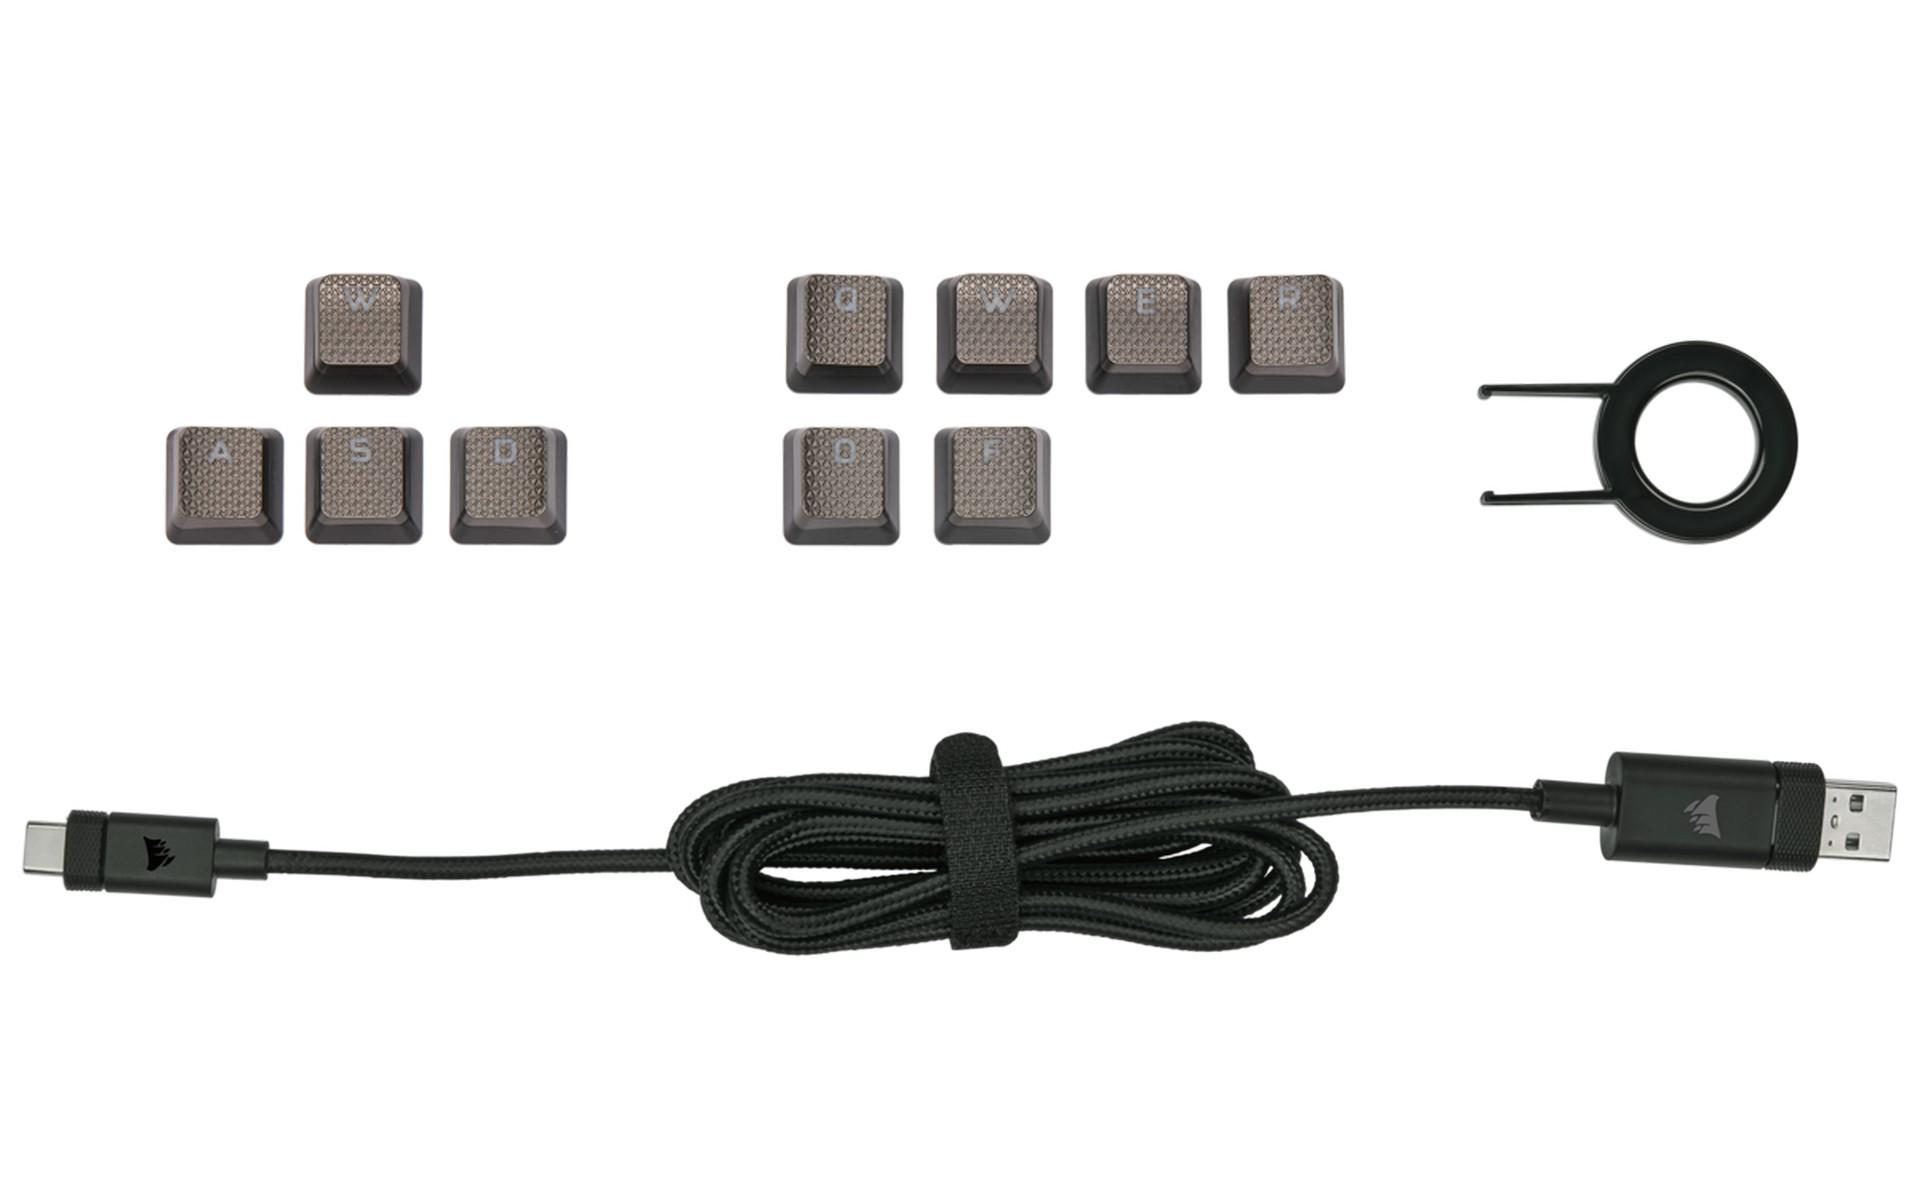 Cáp USB-C có thể tháo rời